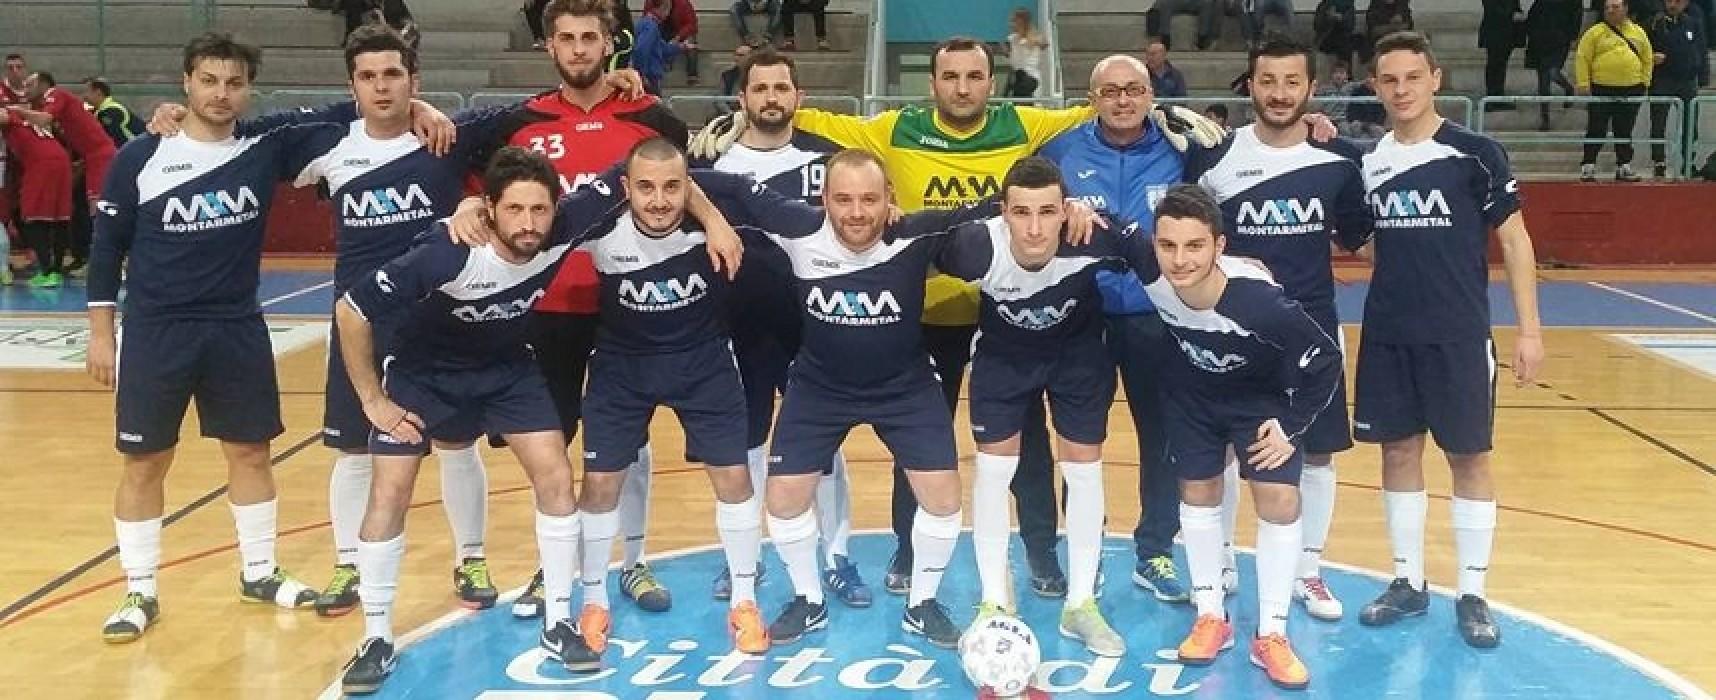 Serie C1, sconfitte per Santos e Diaz, vince il Nettuno / CLASSIFICA